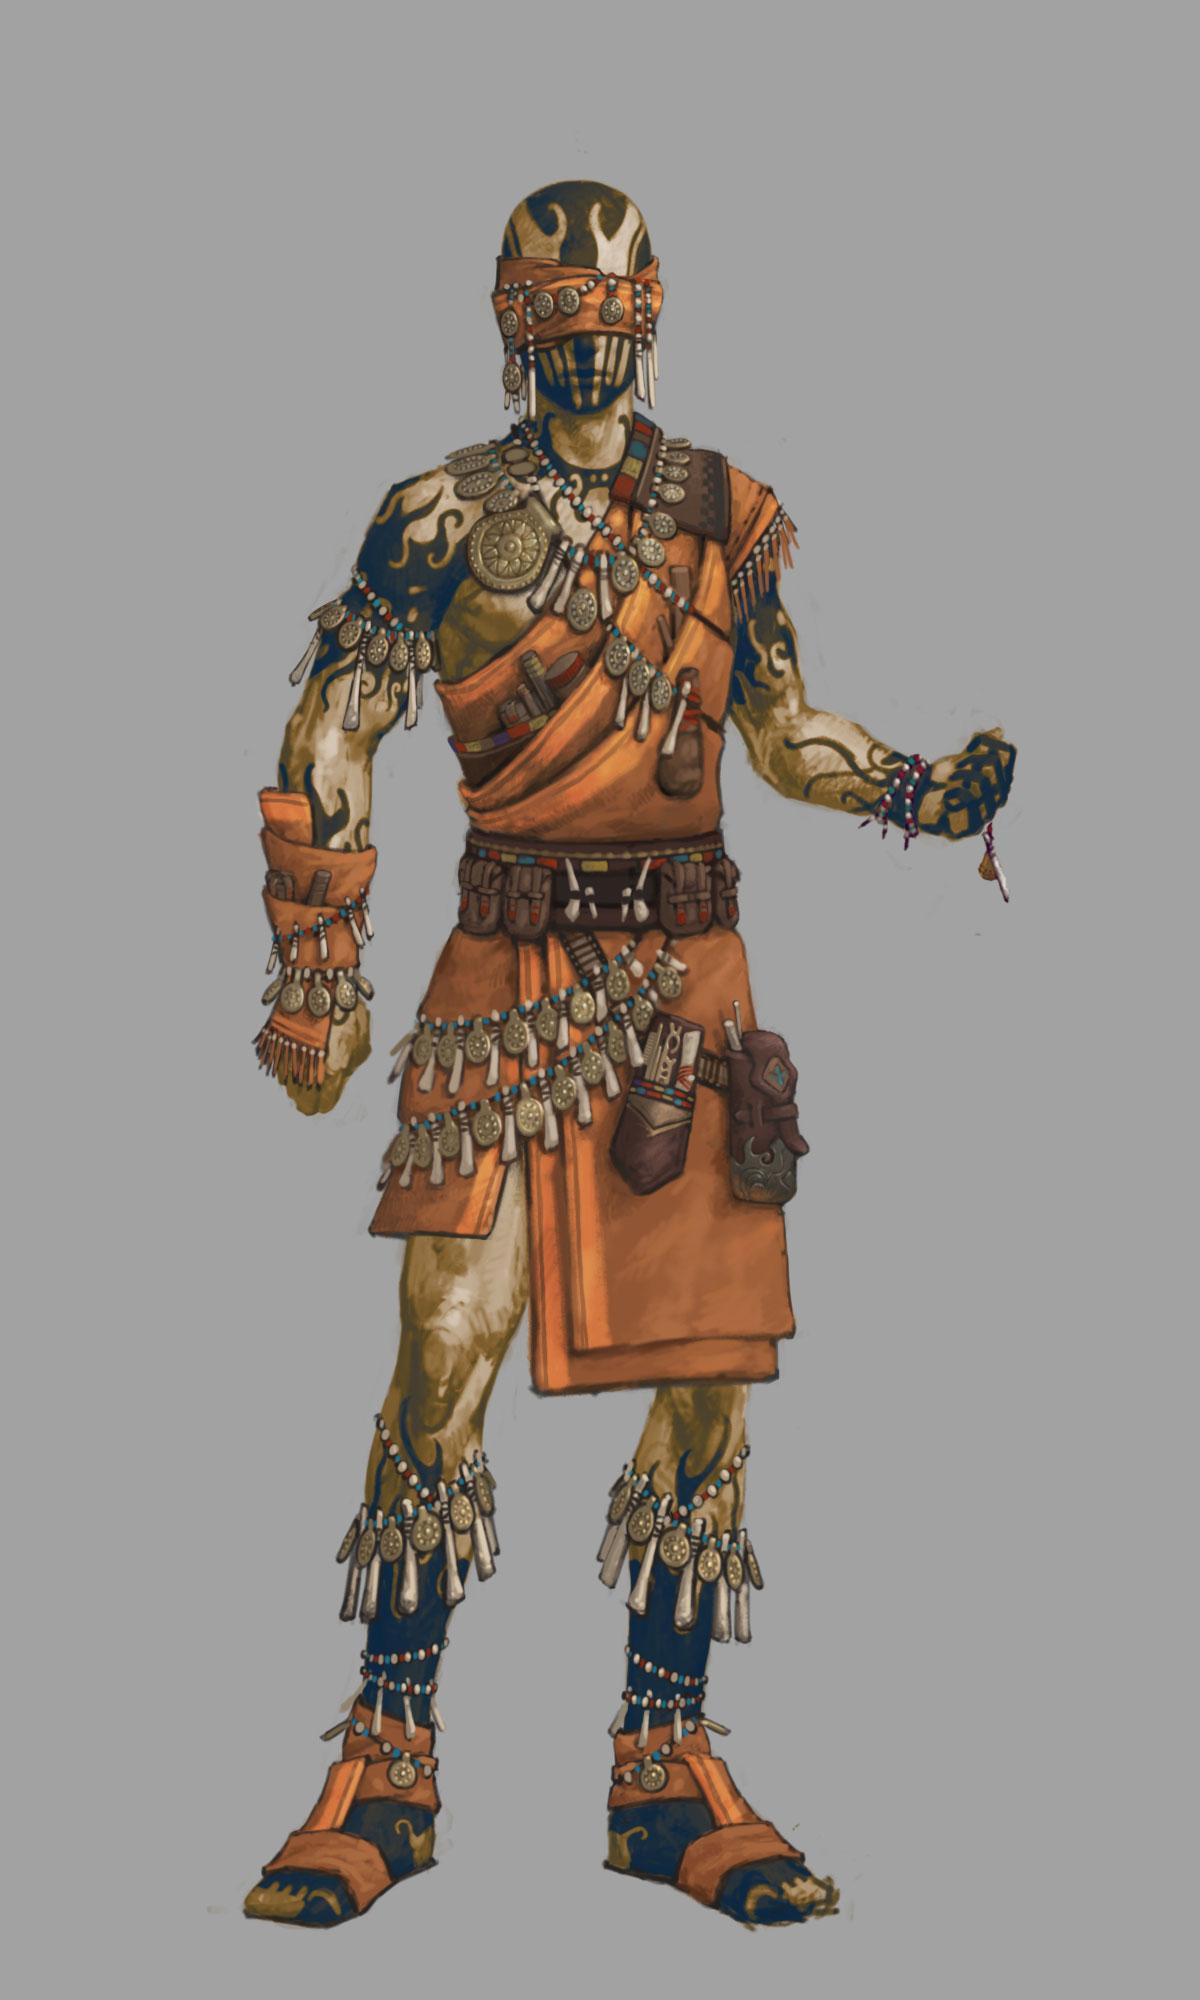 Guild Wars 2 Armor Skins